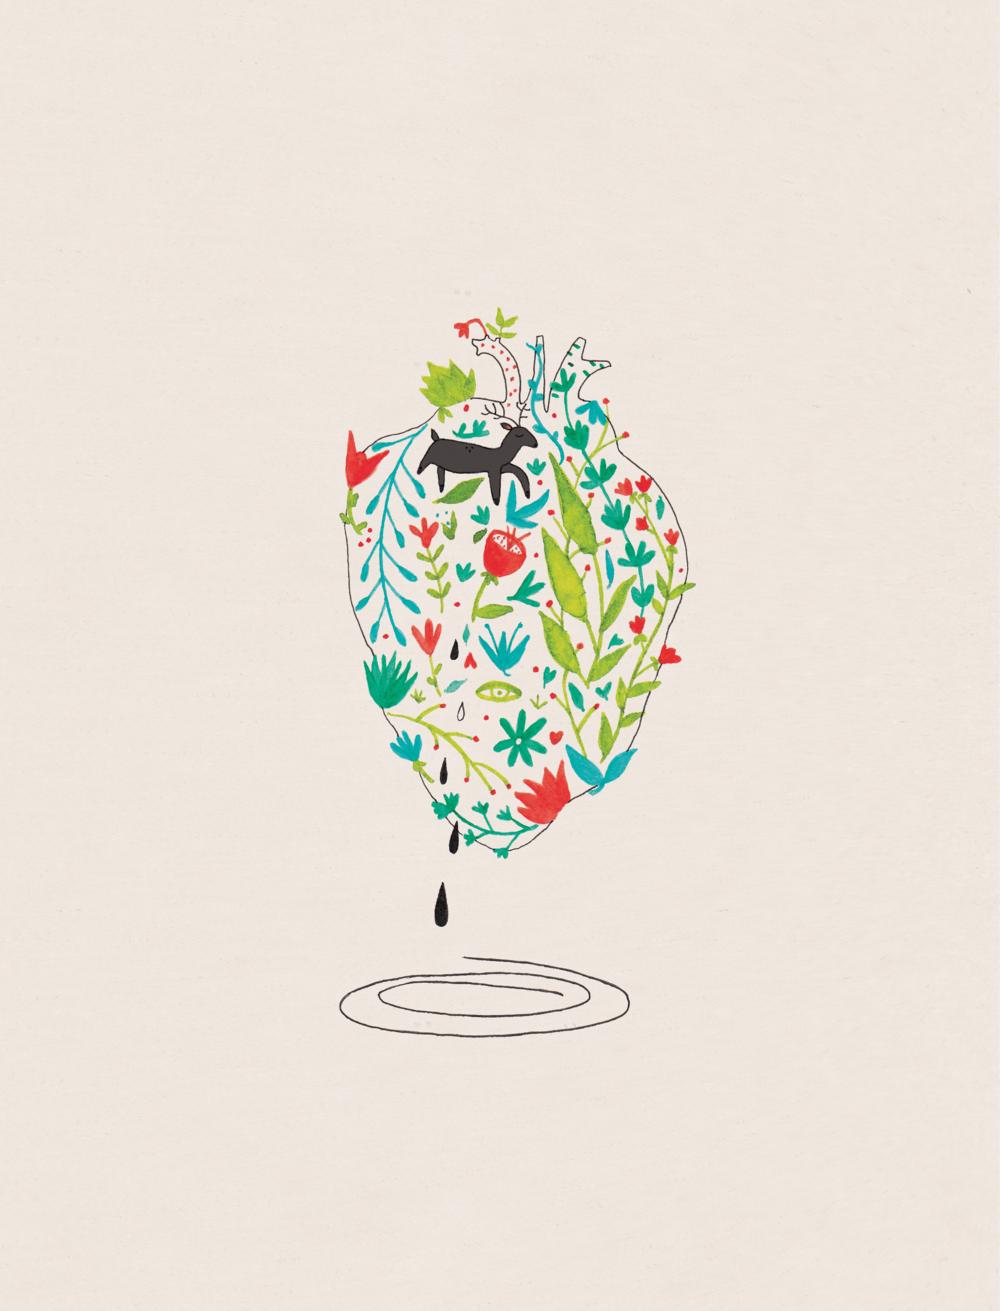 miguel de unamuno - -illustration-